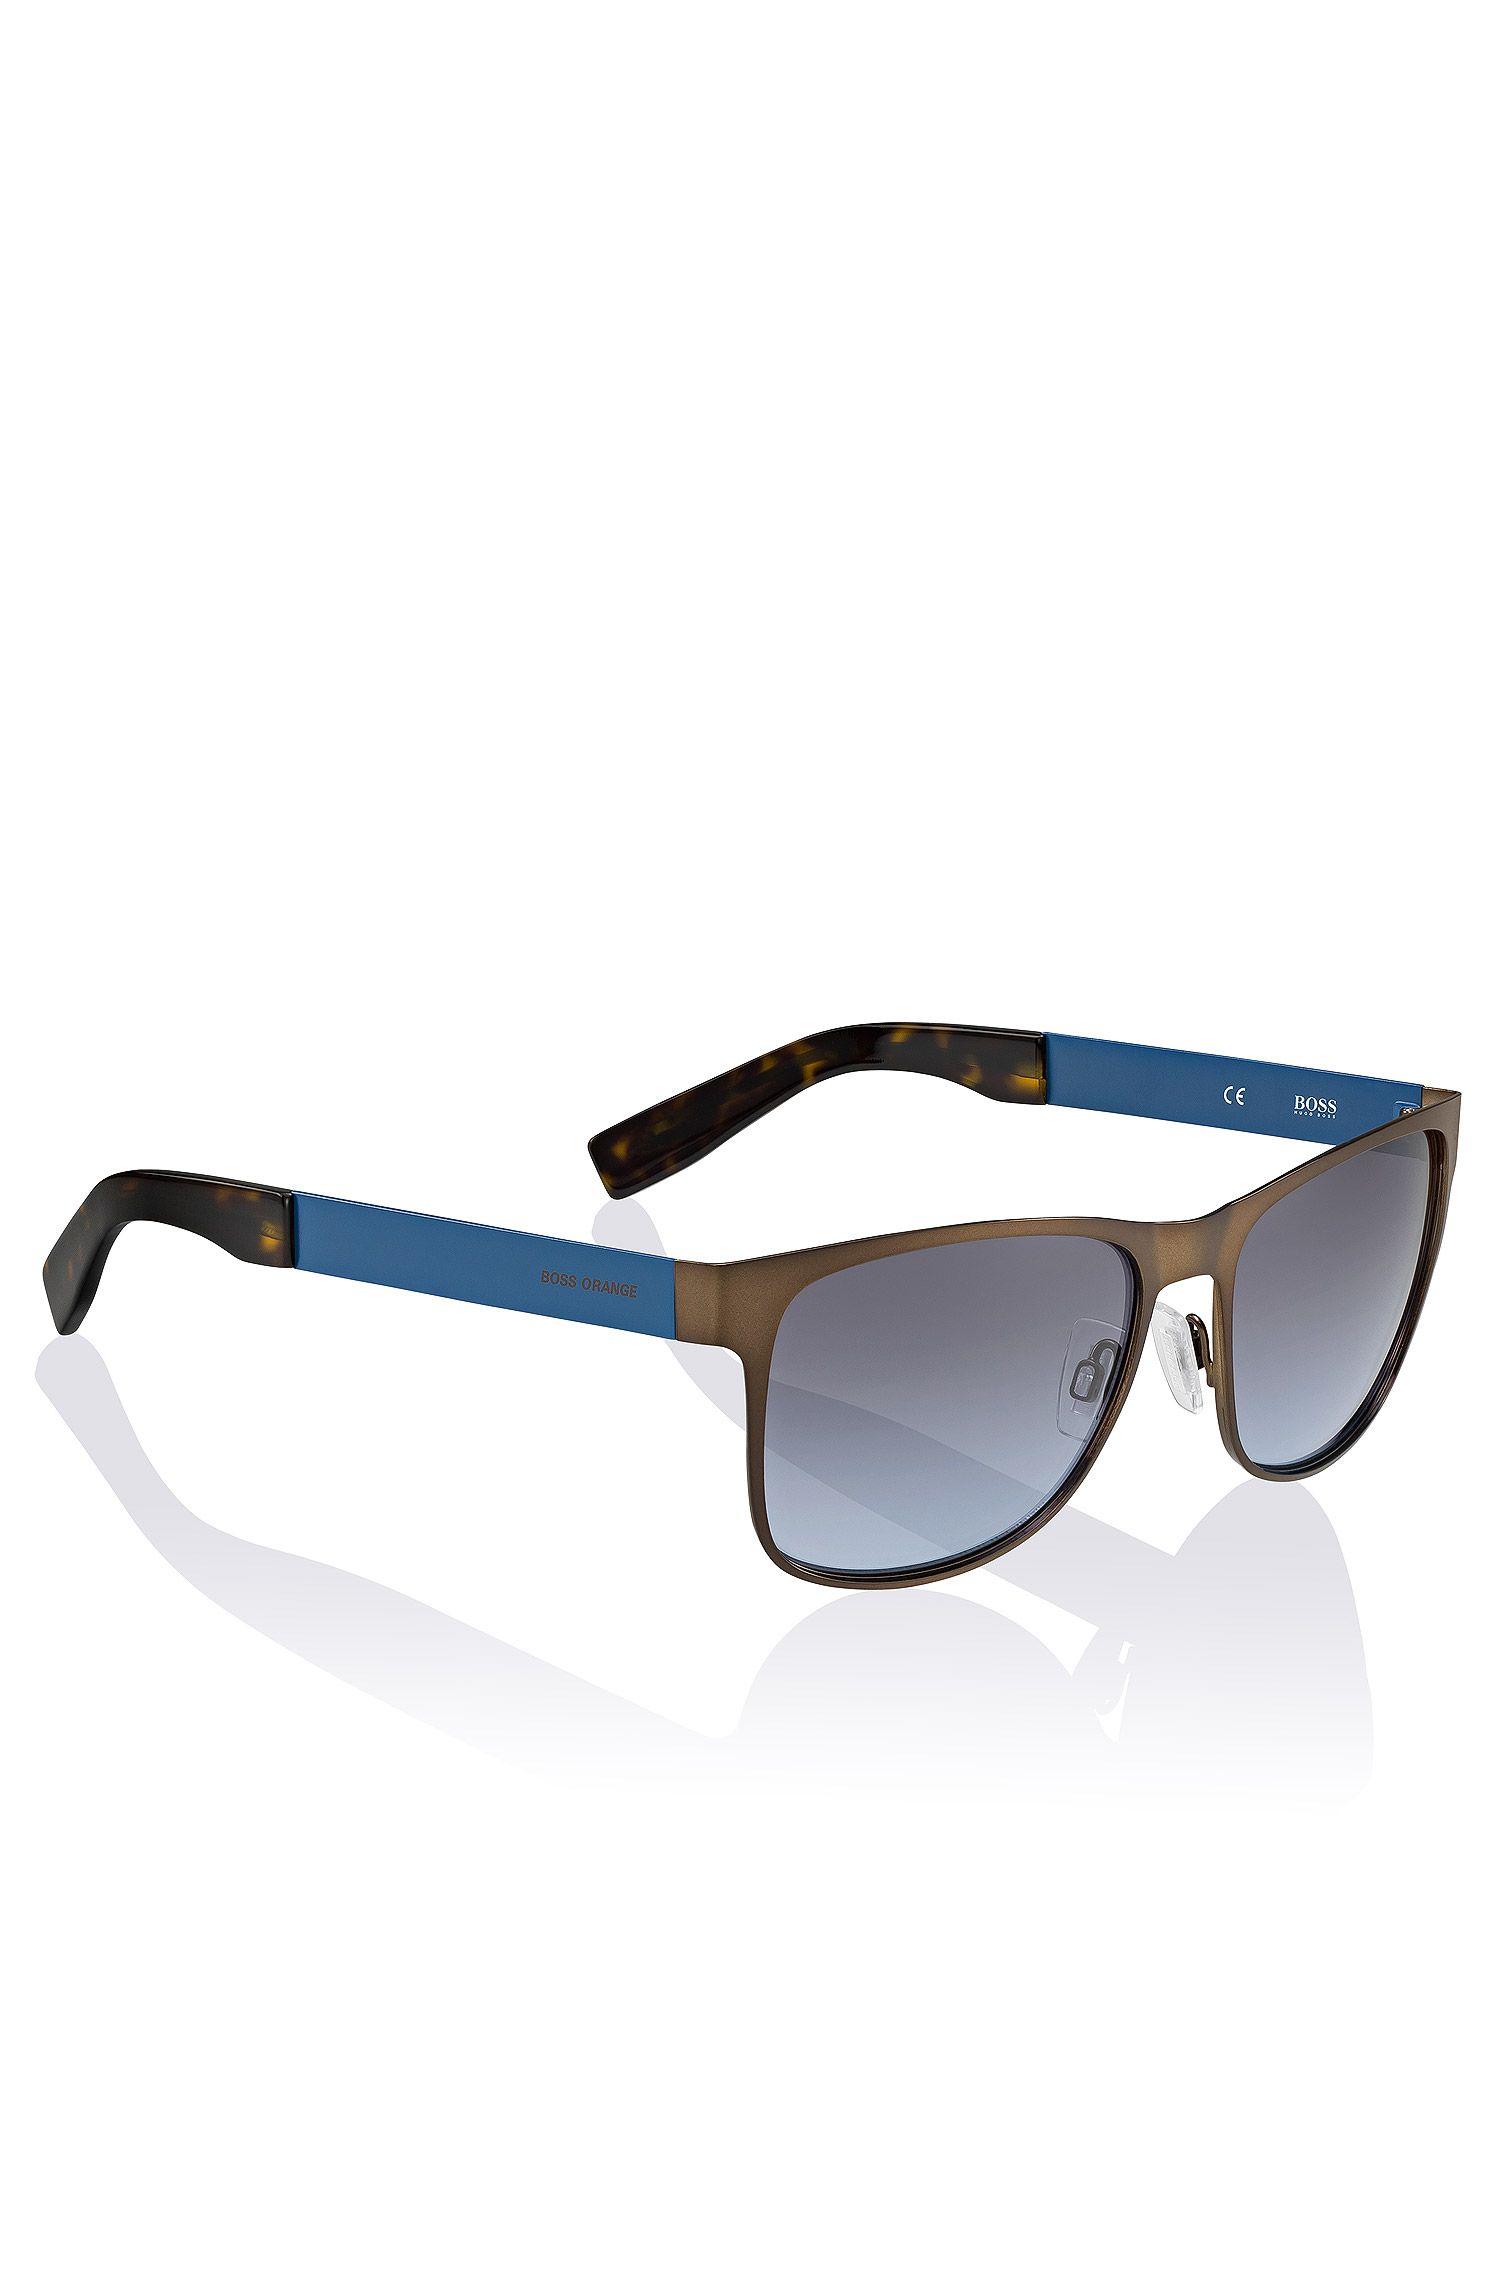 Gafas de sol 'BO 0197' en metal y acetato